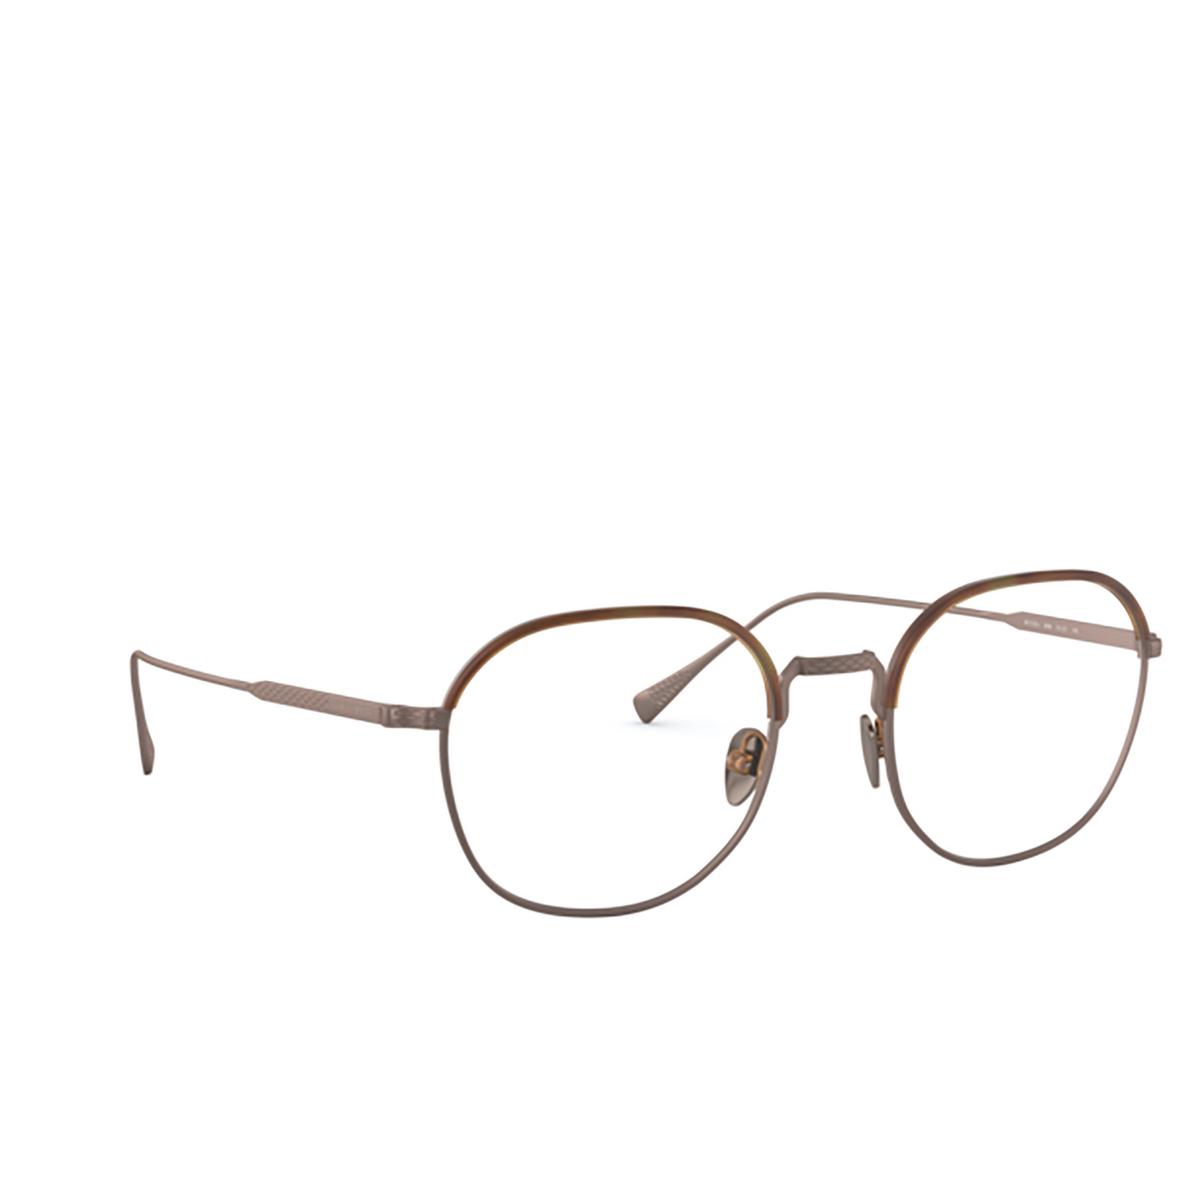 Giorgio Armani® Round Eyeglasses: AR5103J color Matte Honey Havana&bronze 3006 - three-quarters view.